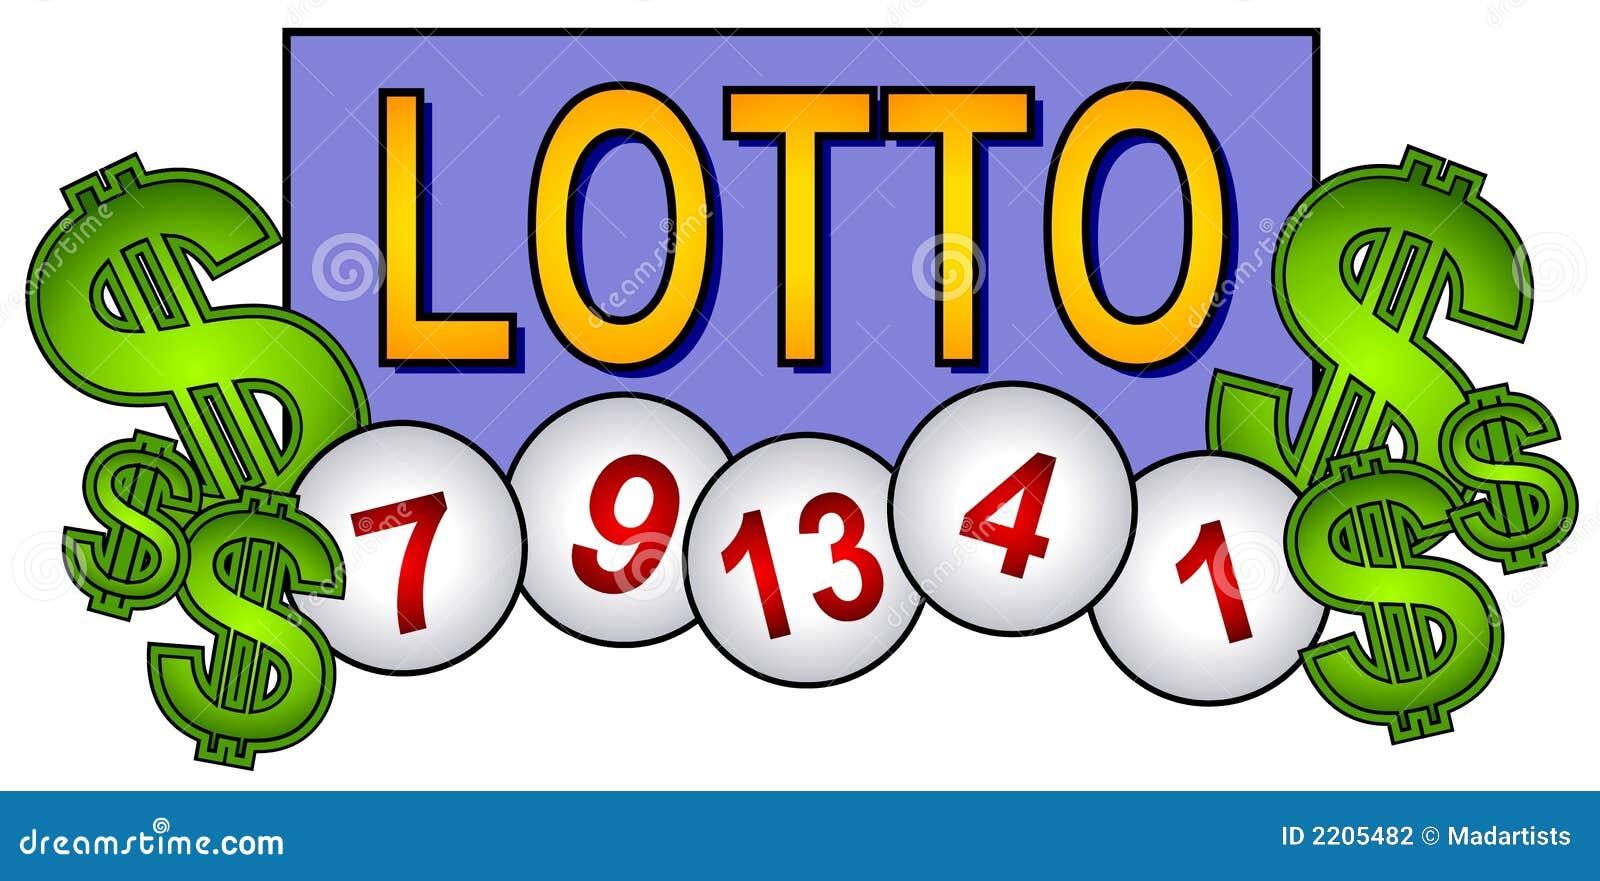 Lotto 13.4.19